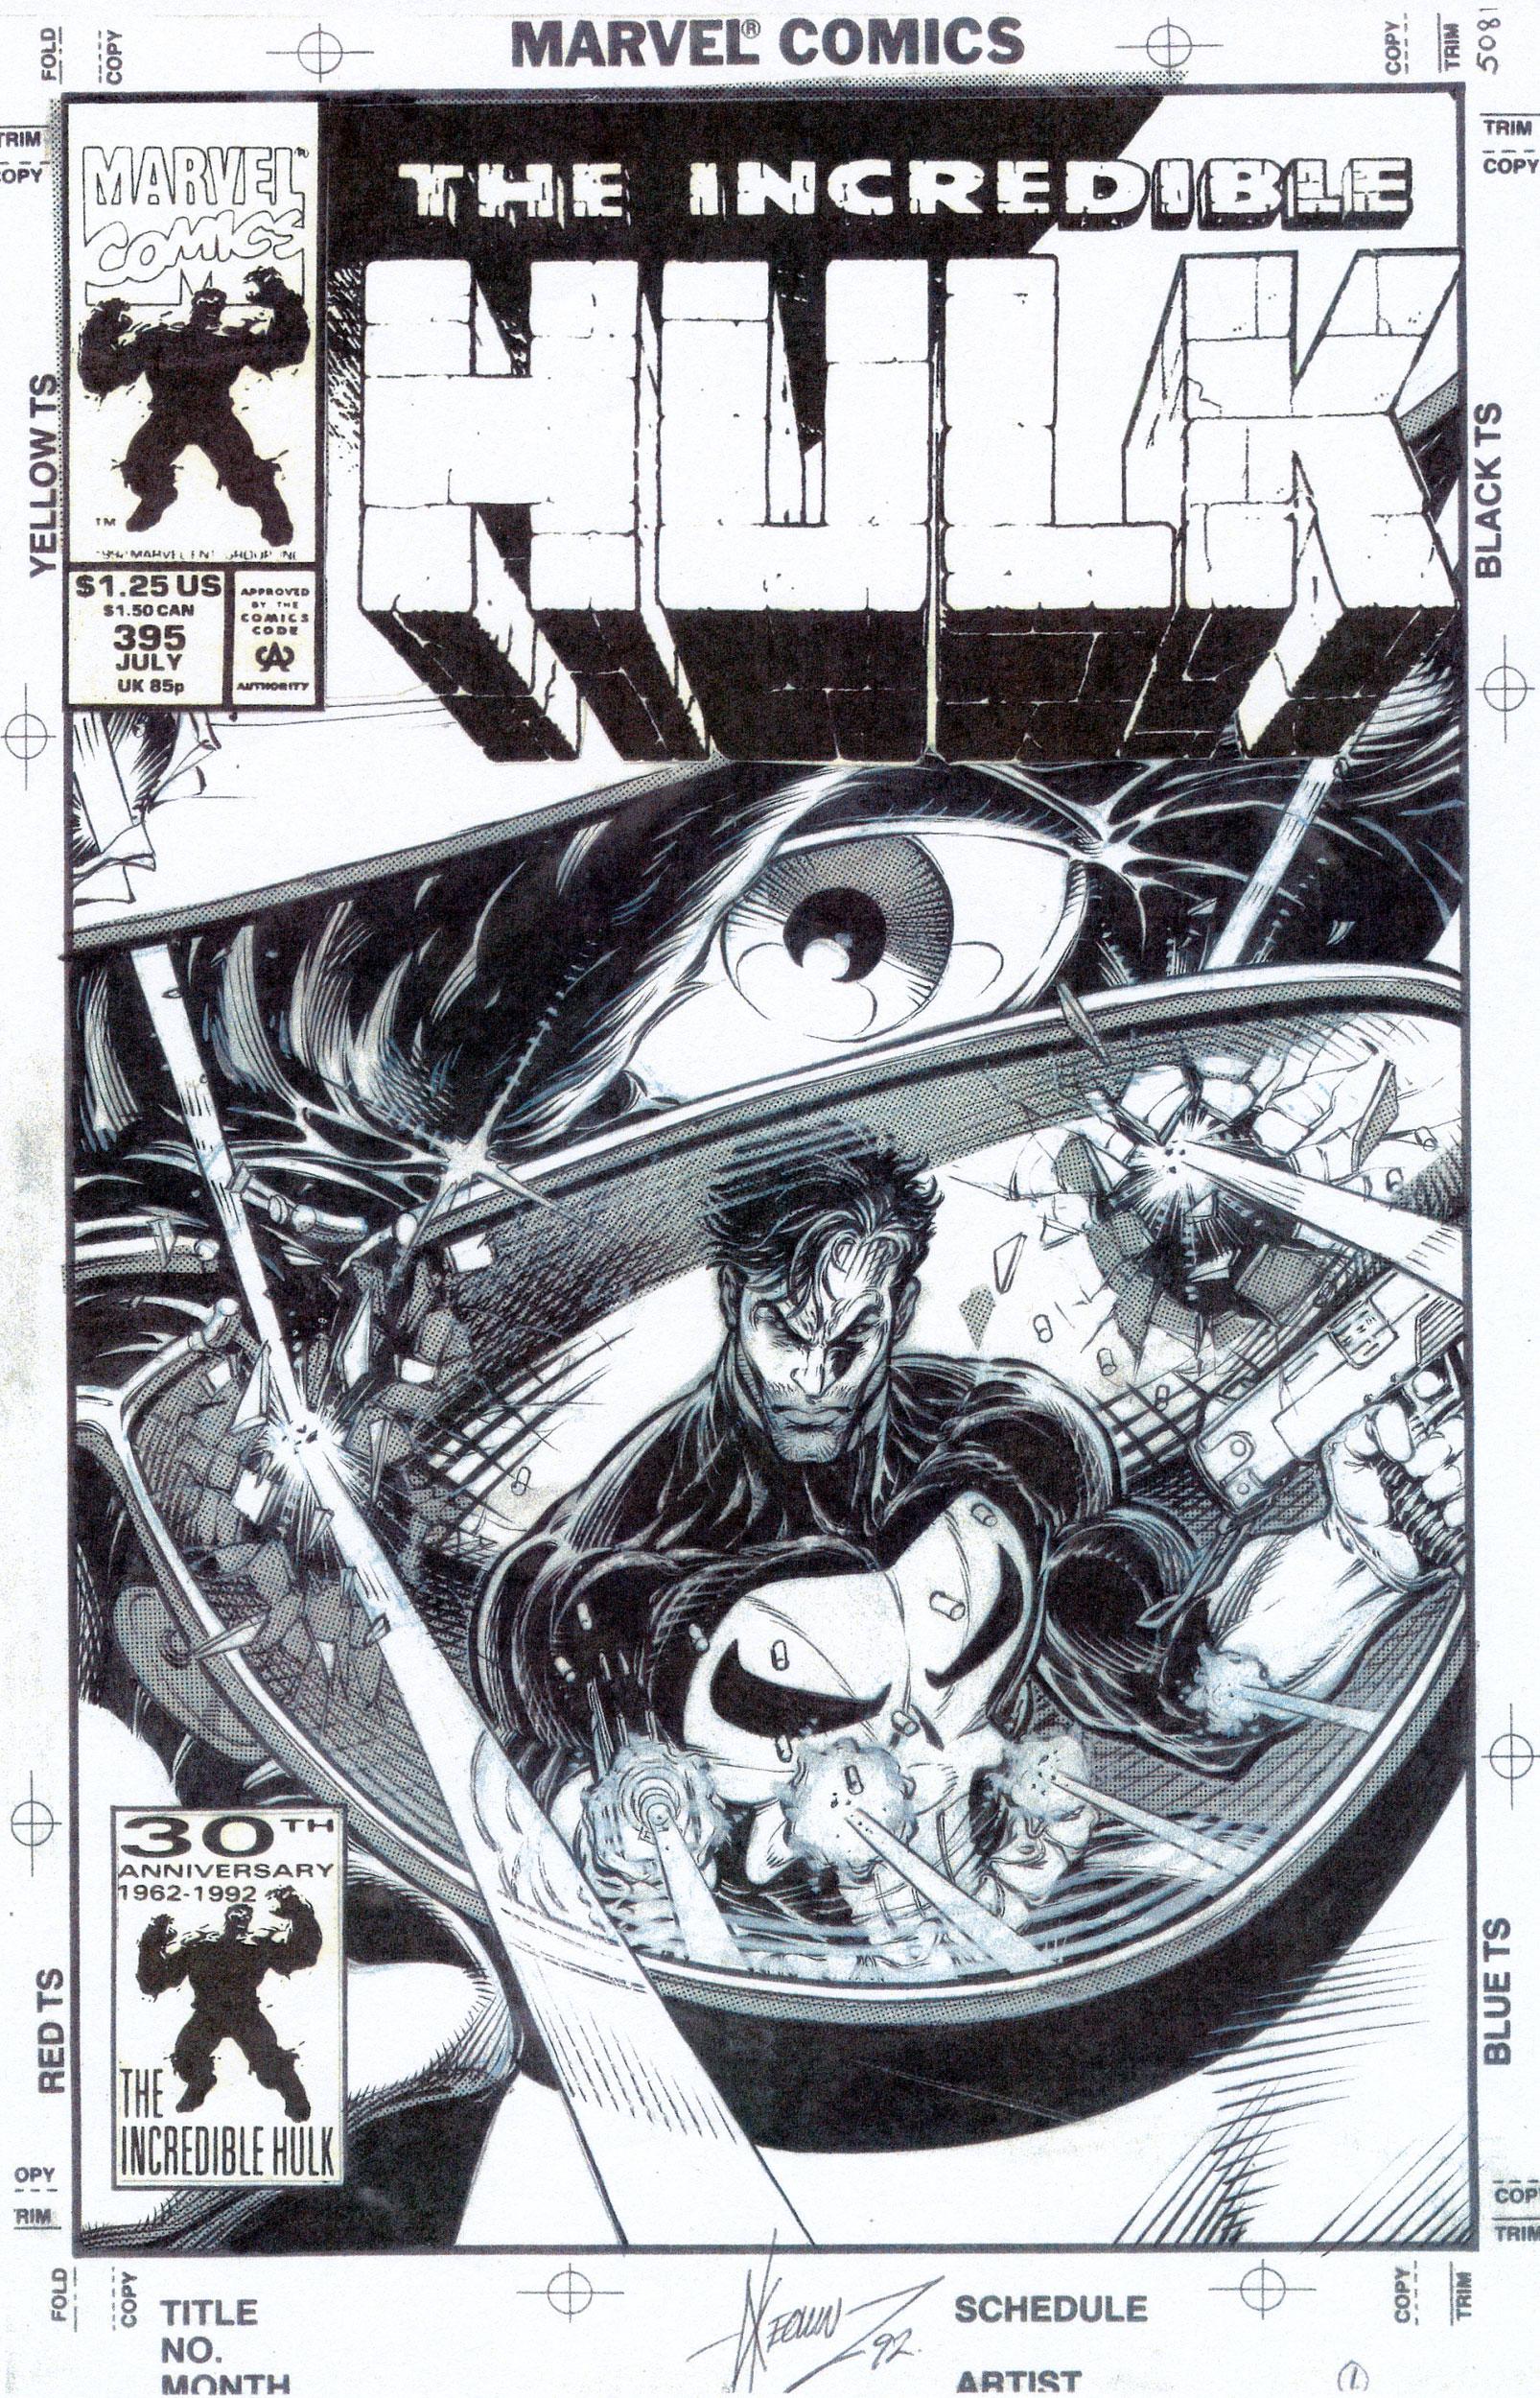 DALE KEOWN 1992 INCREDIBLE HULK #395 COVER